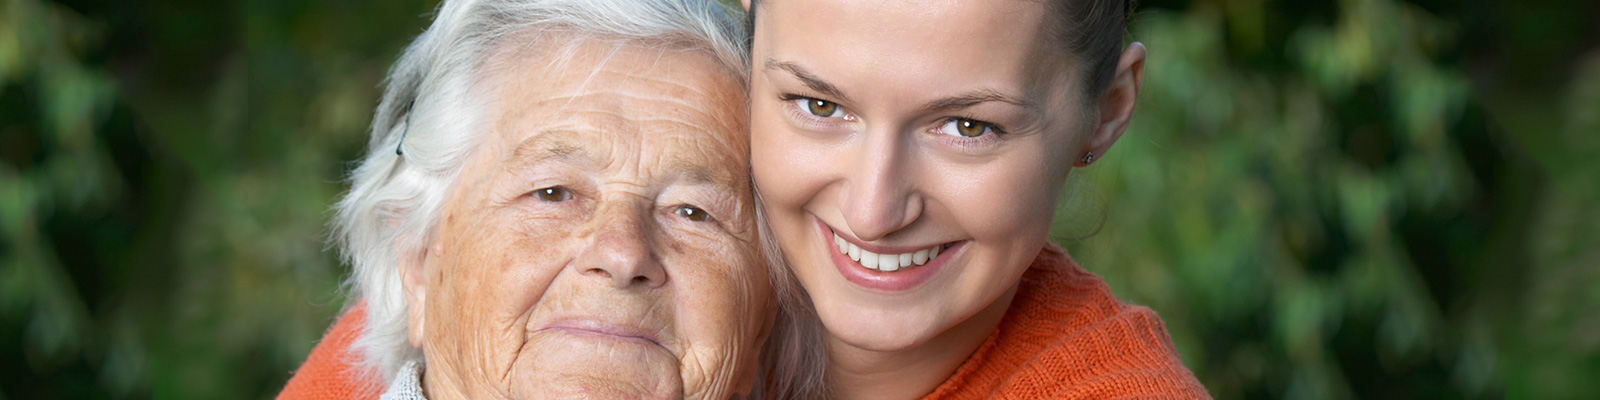 Seniorenbegegnungsstätte